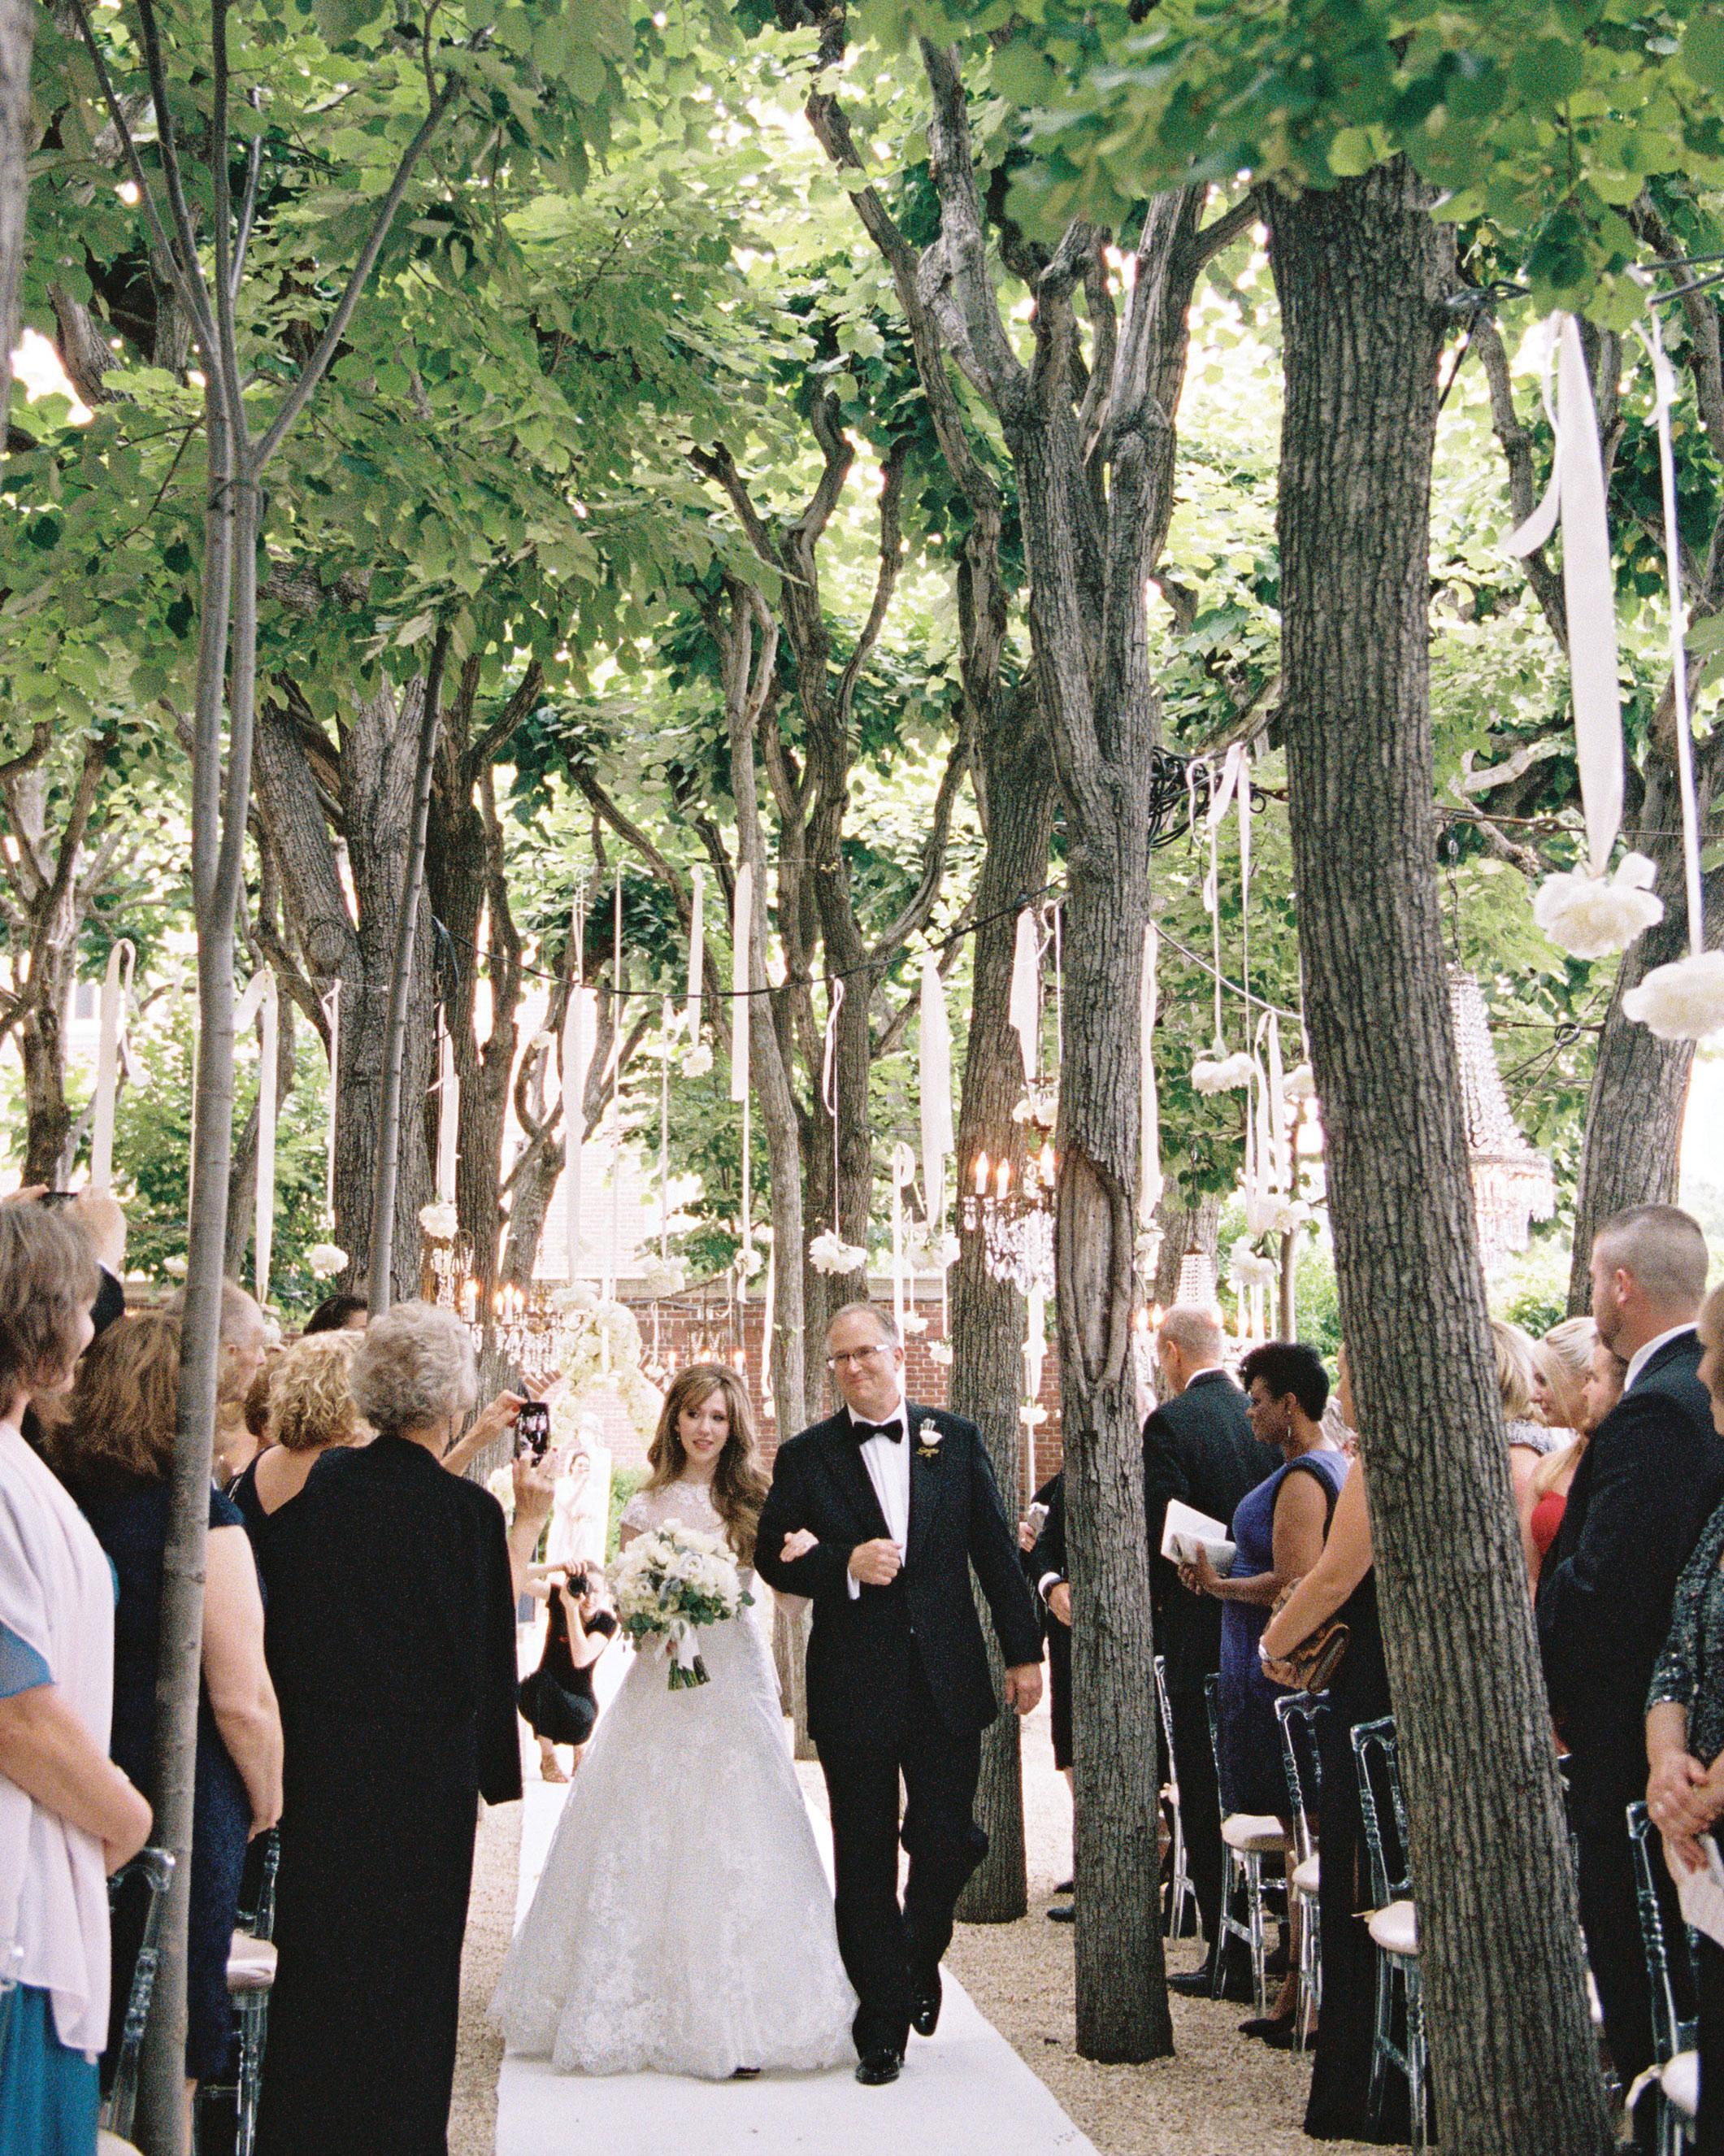 elizabeth-cody-real-wedding-bride-dad-walking-down-aisle.jpg